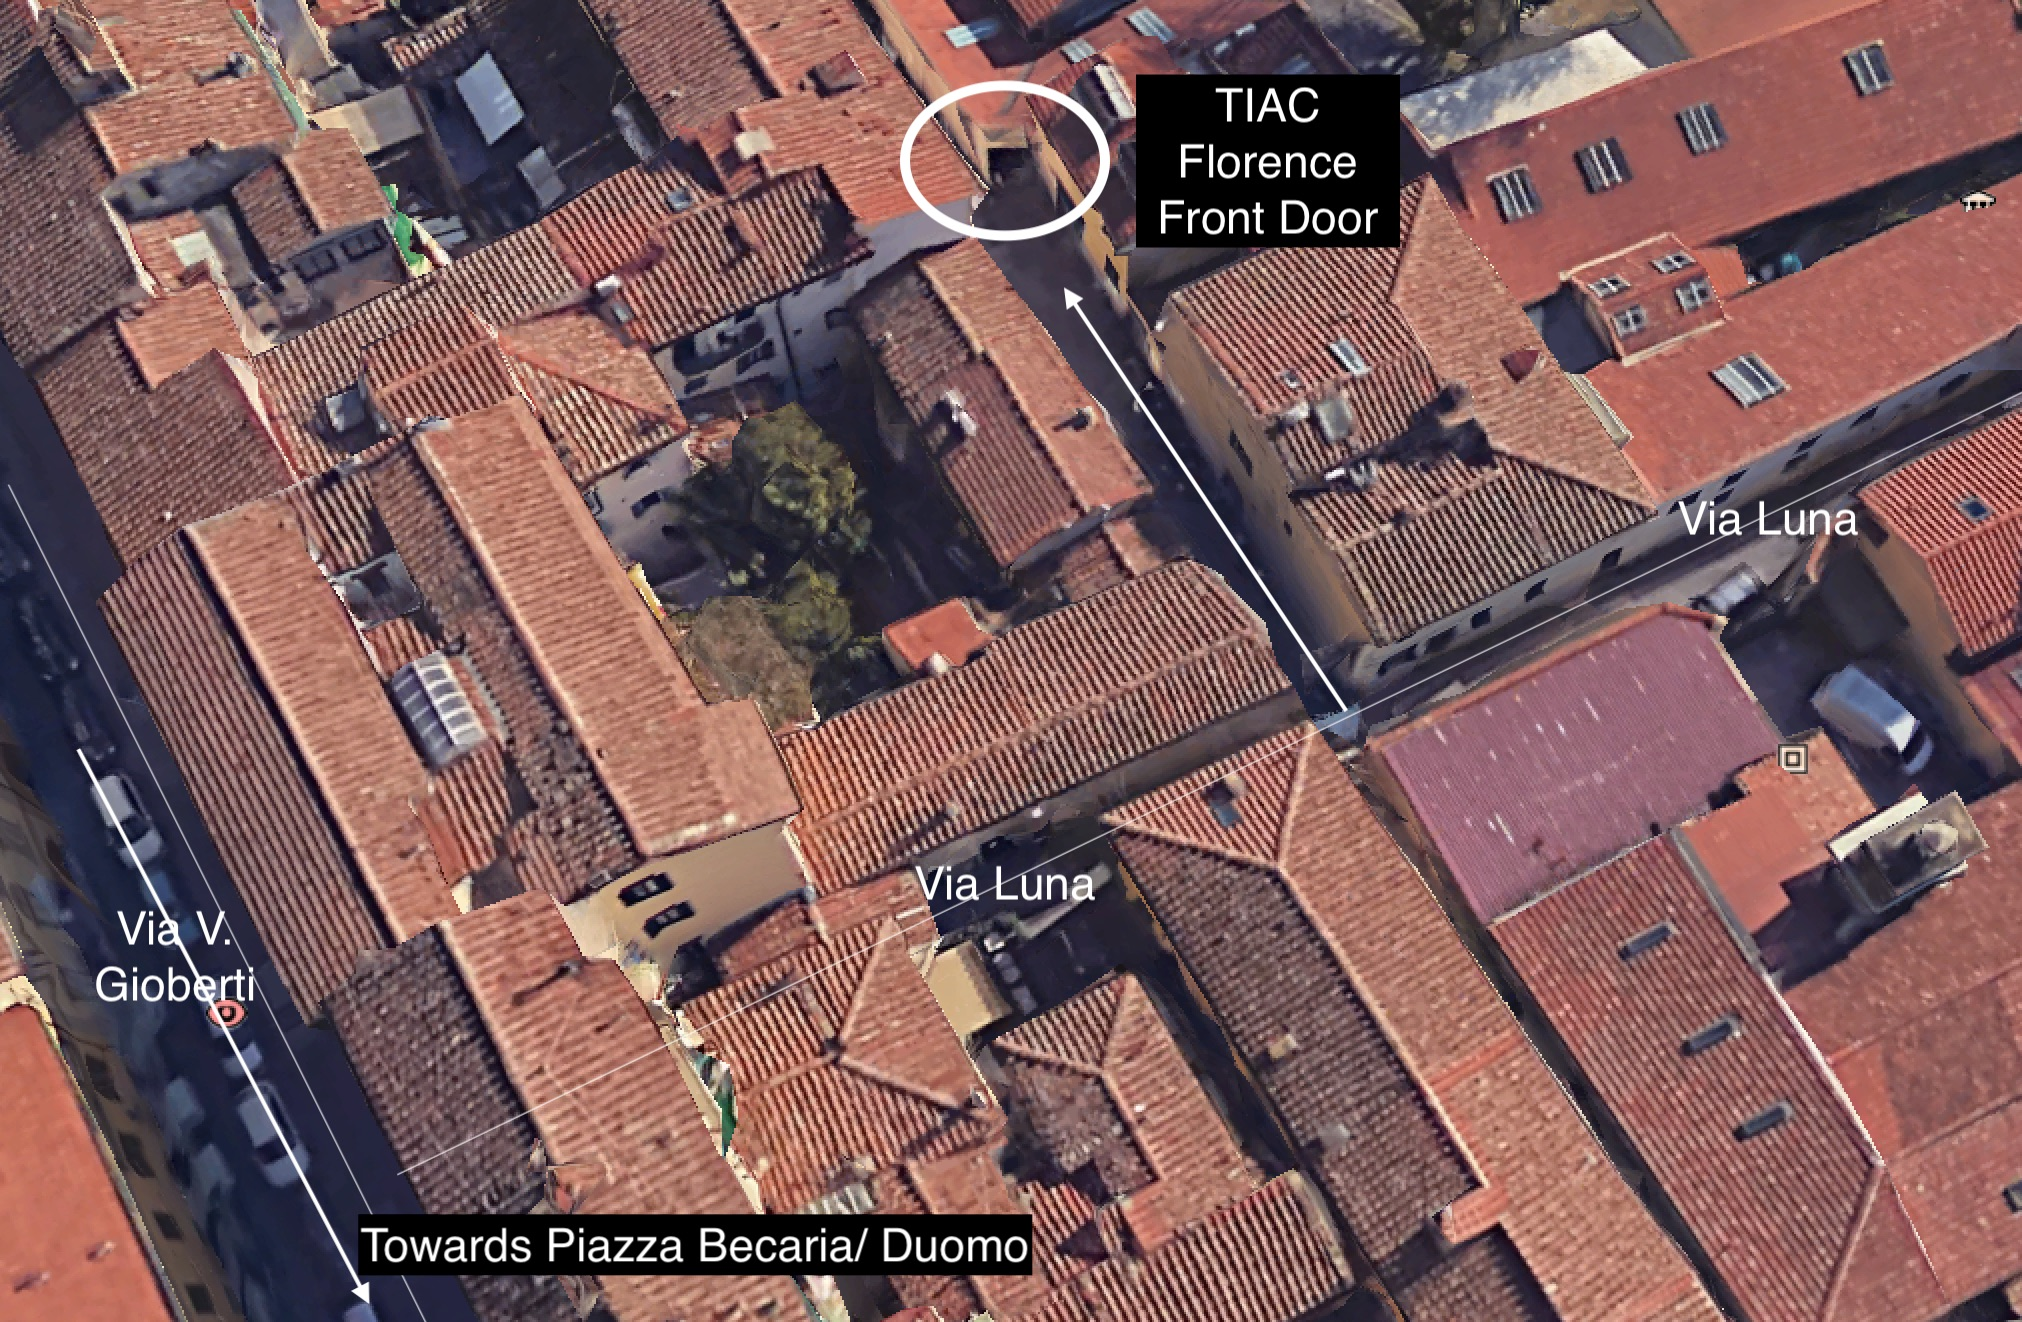 sm TIAC Location Florence .jpg